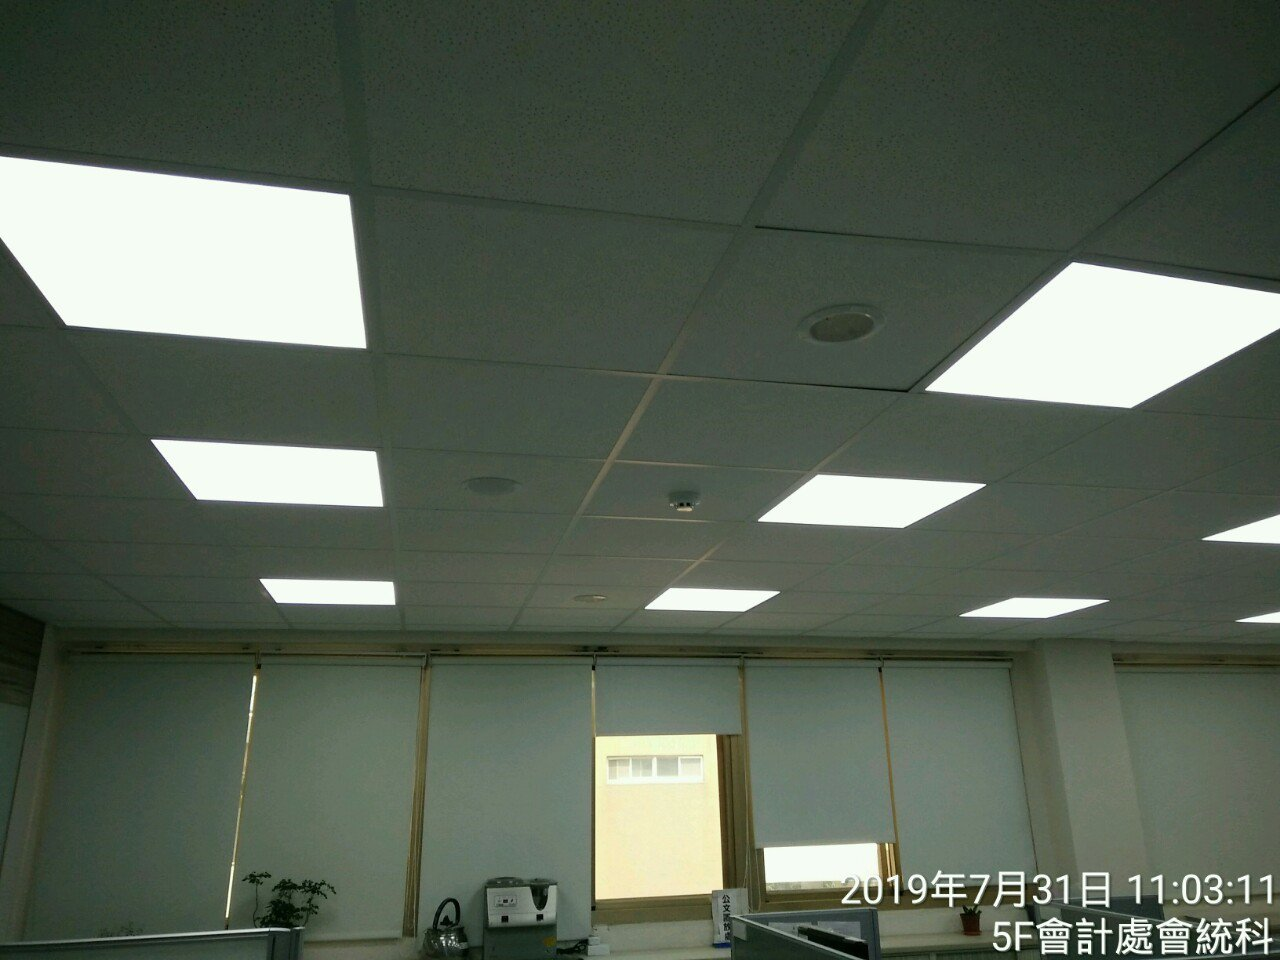 台中港務分公司更換辦公室場所的燈,換成LED燈,可節省龐大電費。圖/台中港務公分...